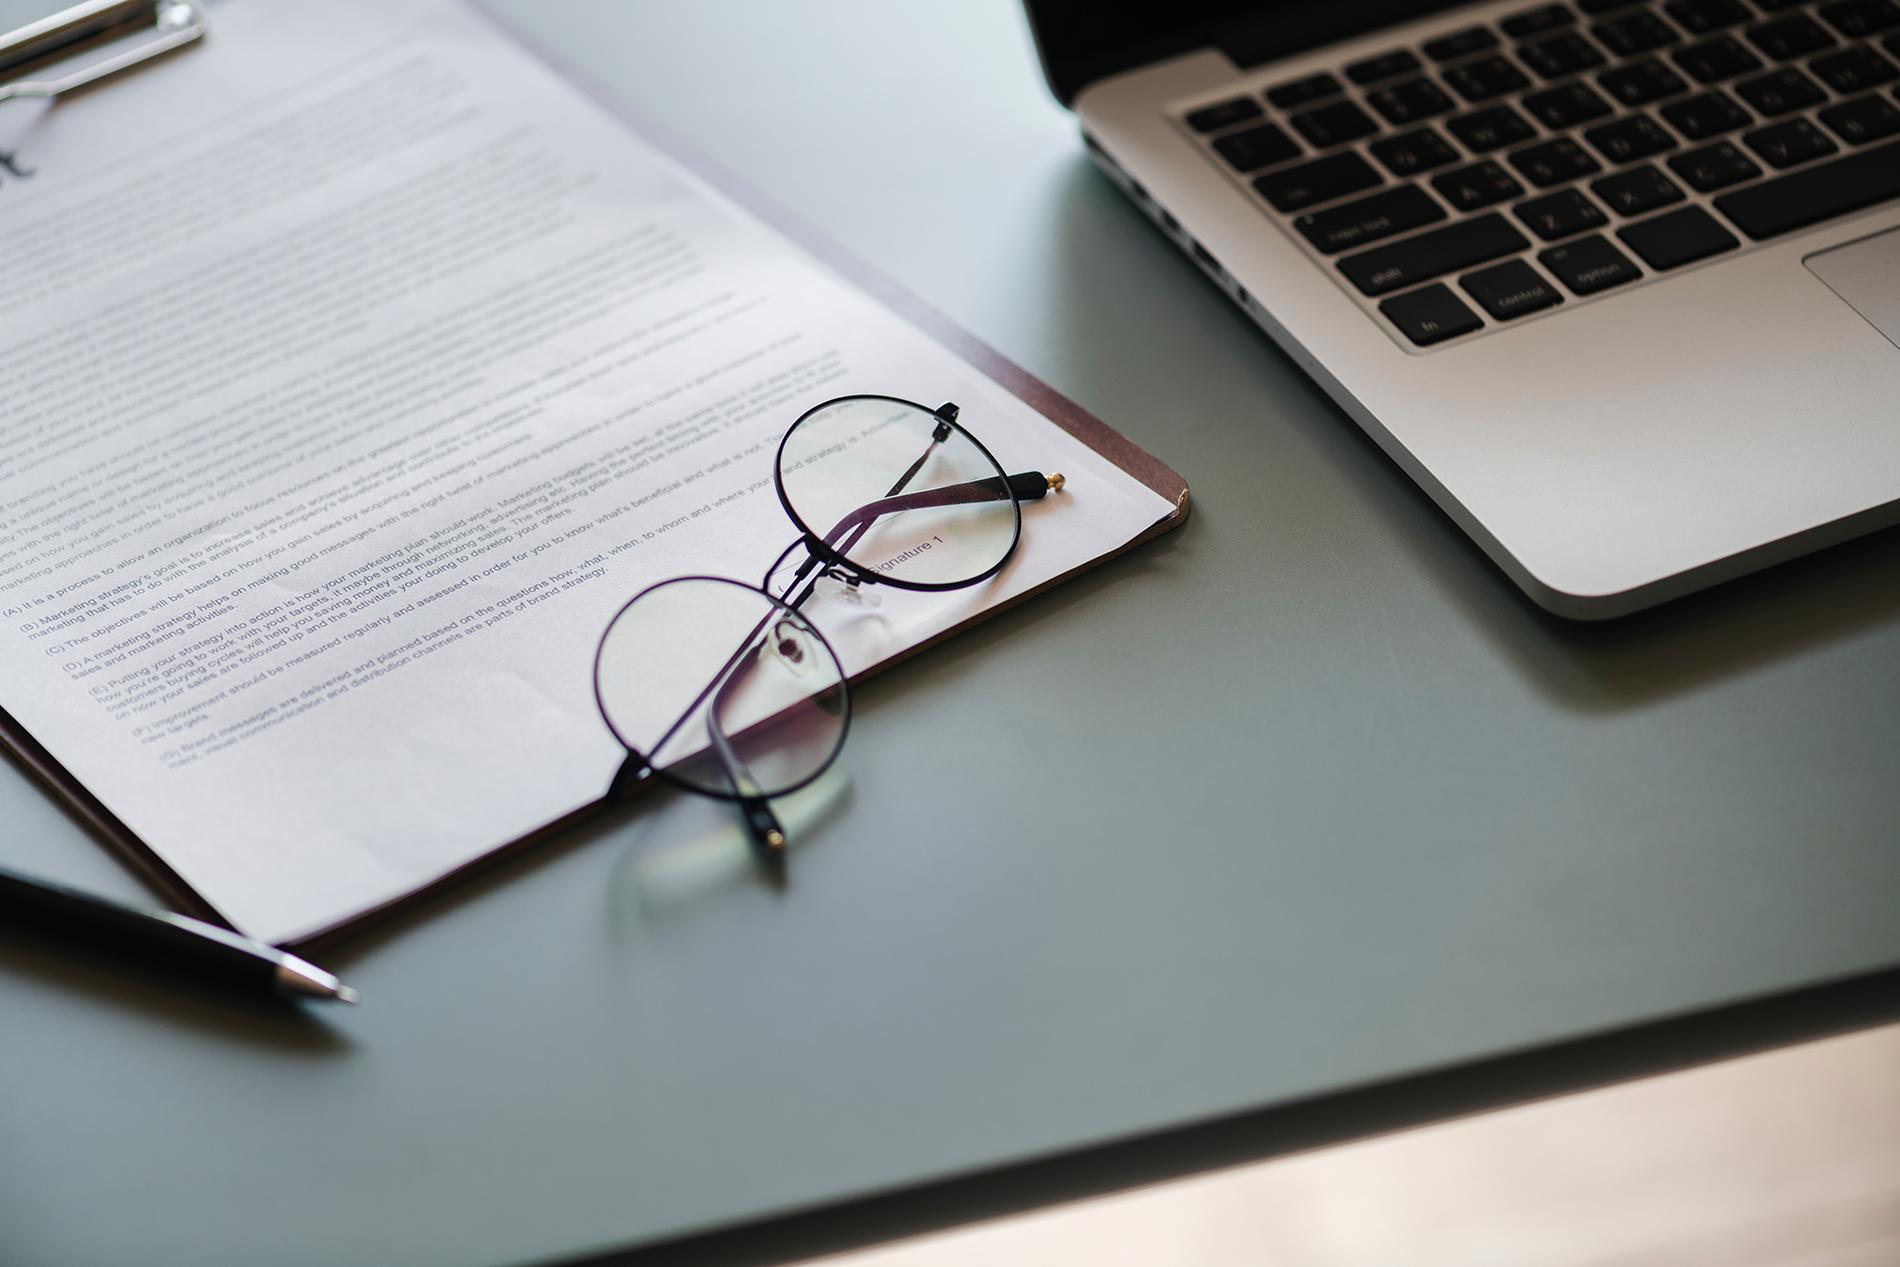 Décret relatif au délai d'examen des demandes d'enregistrement et d'agrément des PSAN